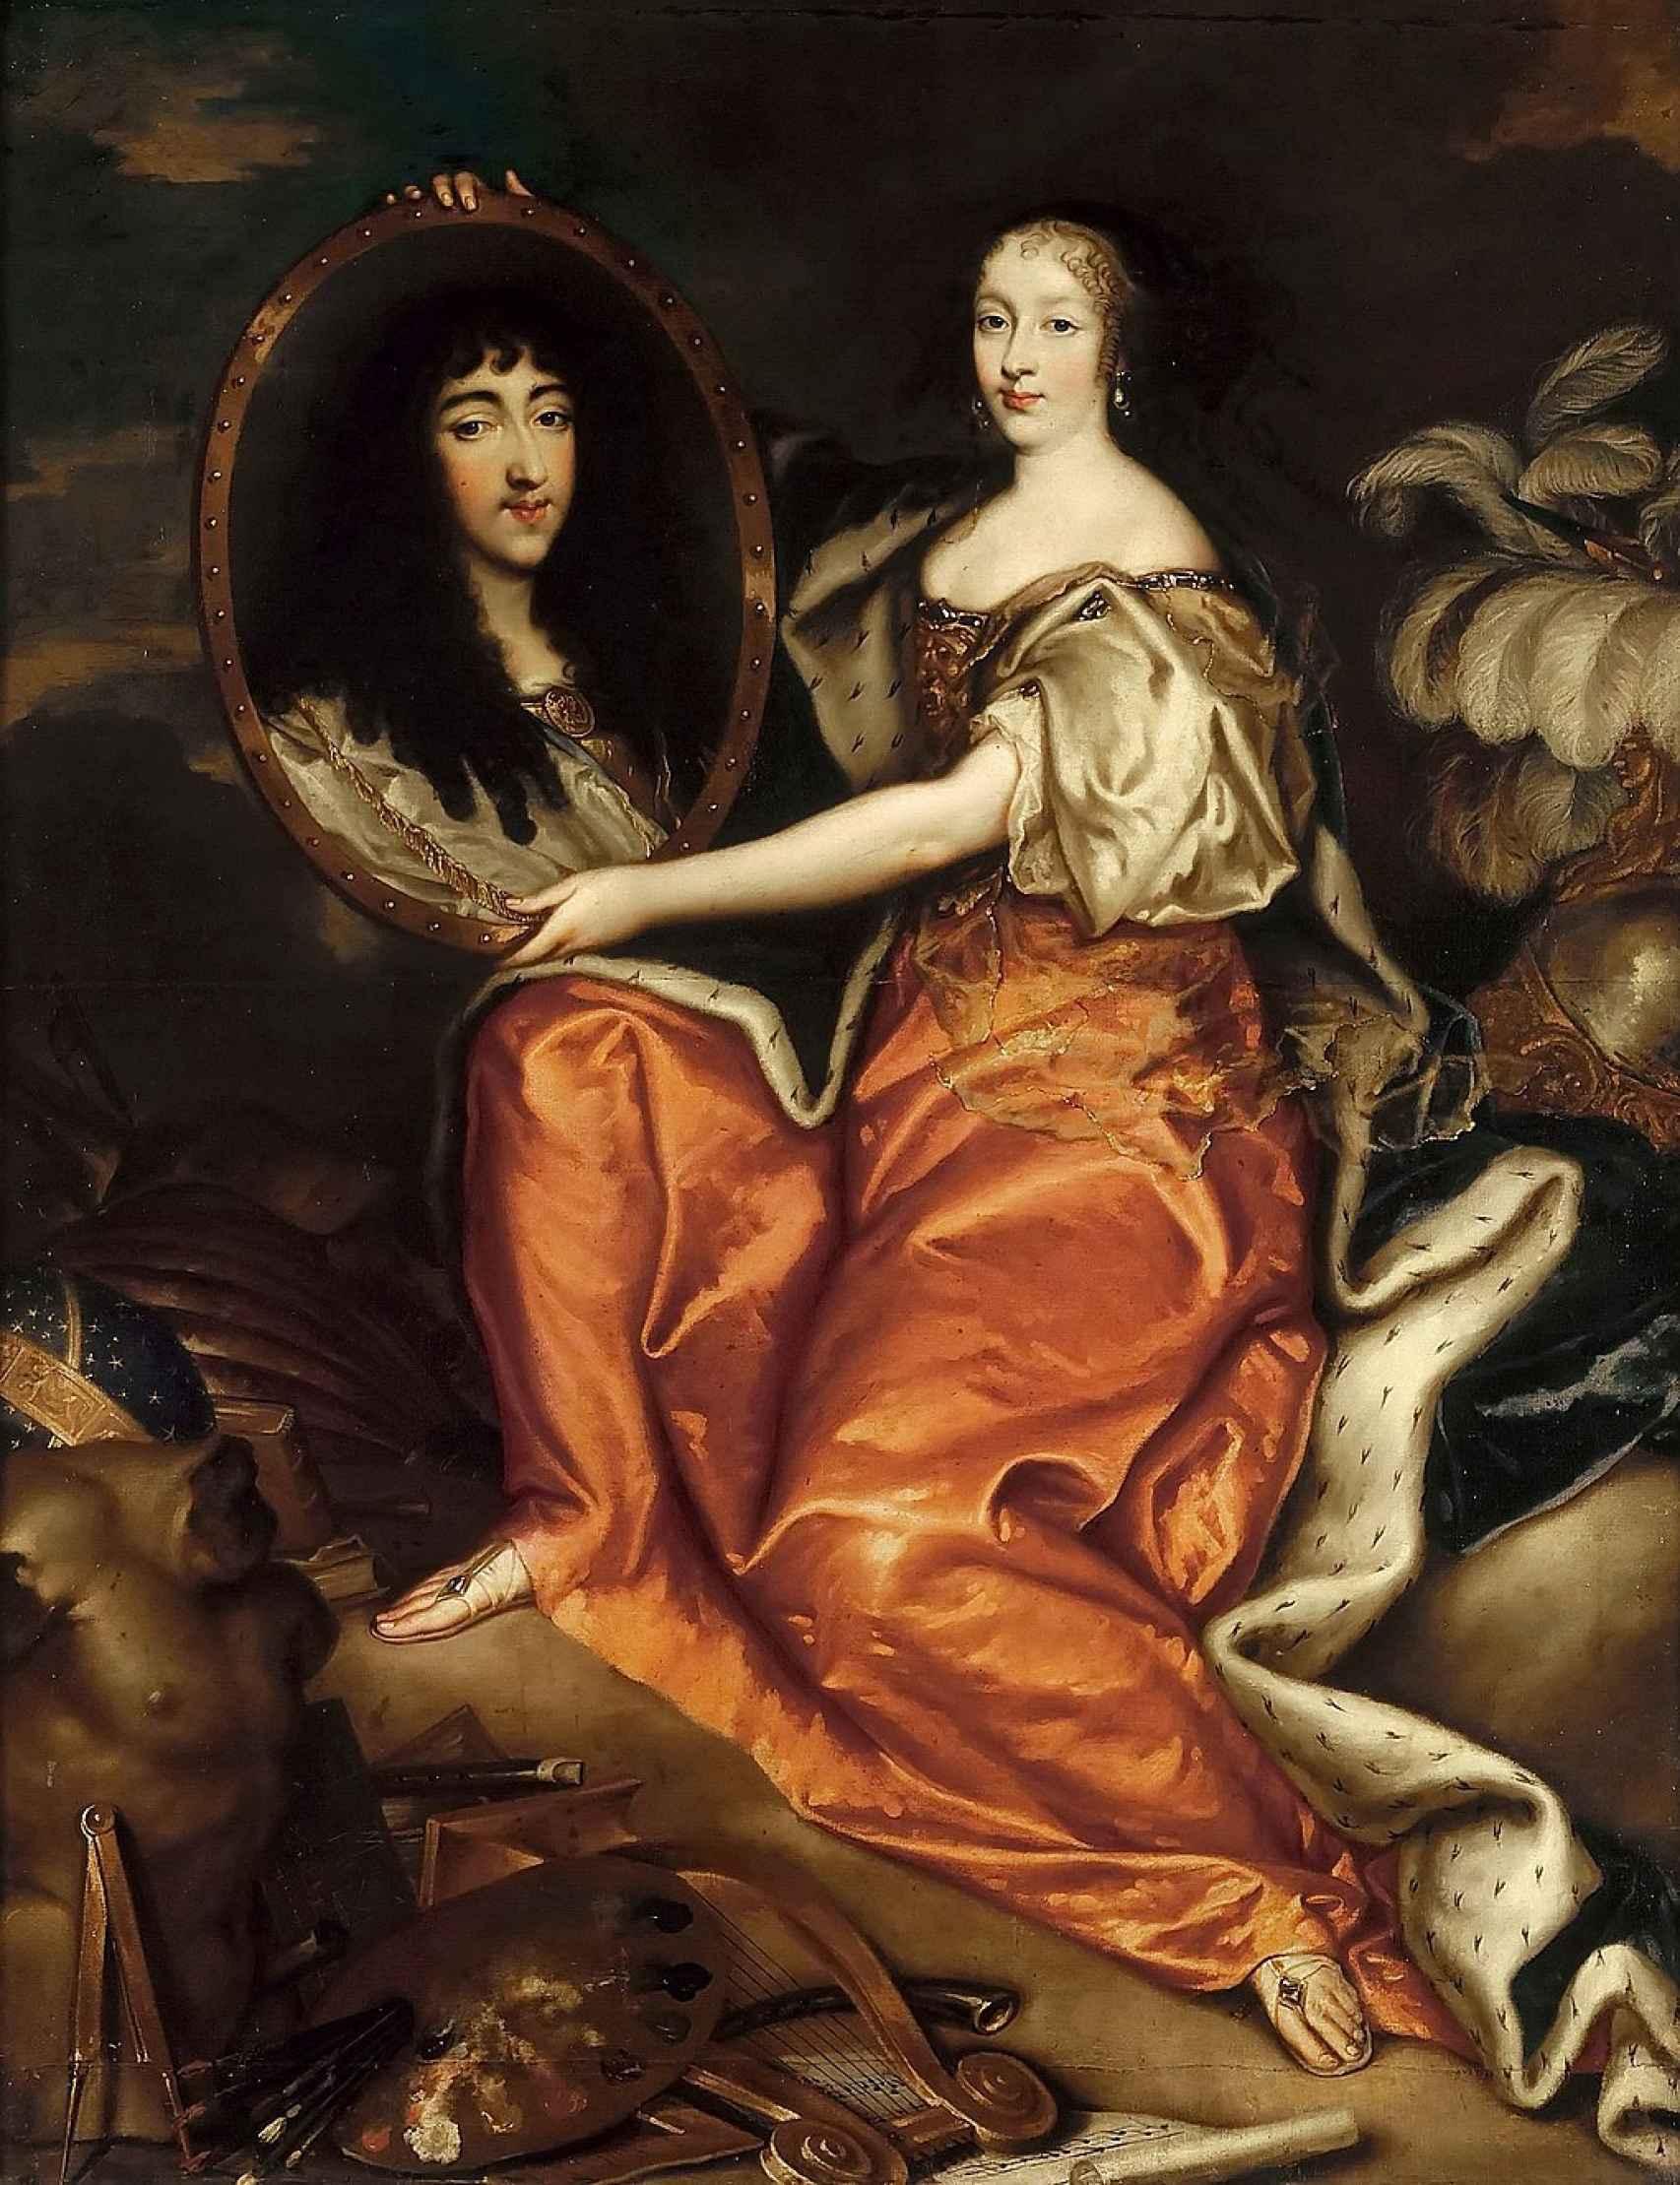 Enriqueta de Inglaterra sostiene una pintura de Felipe de Orleans.